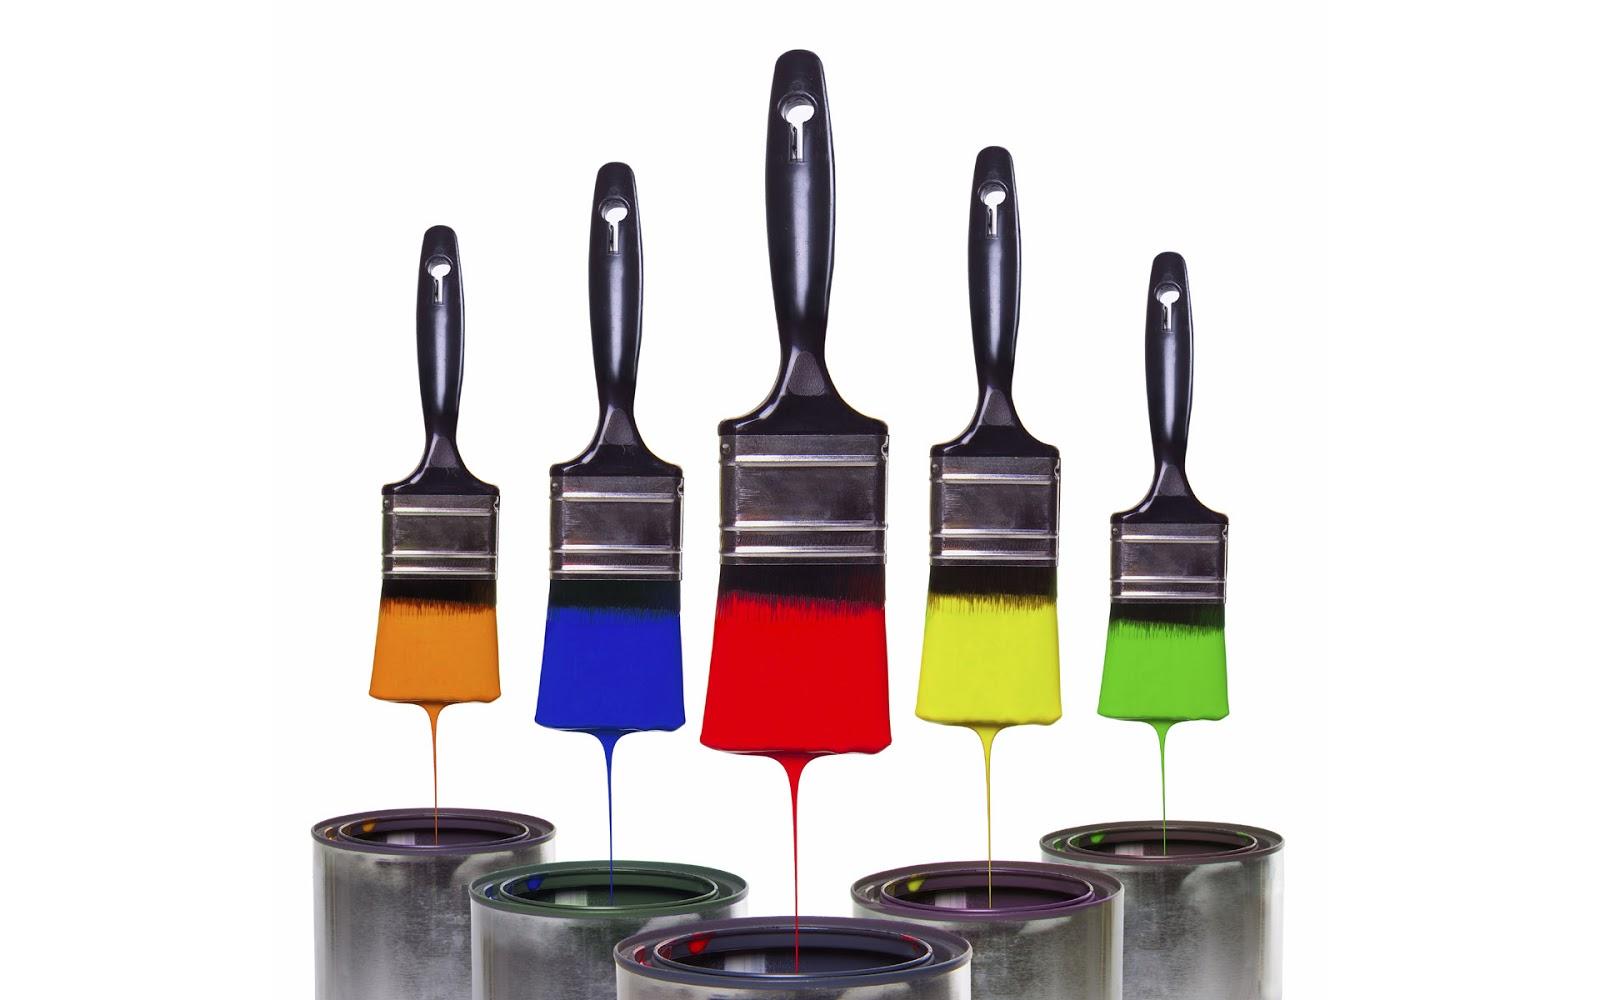 http://1.bp.blogspot.com/-e5j58AUSNRs/UPzS9LzKE0I/AAAAAAAABXk/i9EXCqLpl-Q/s1600/colorful-paint-brush-wallpaper.jpg